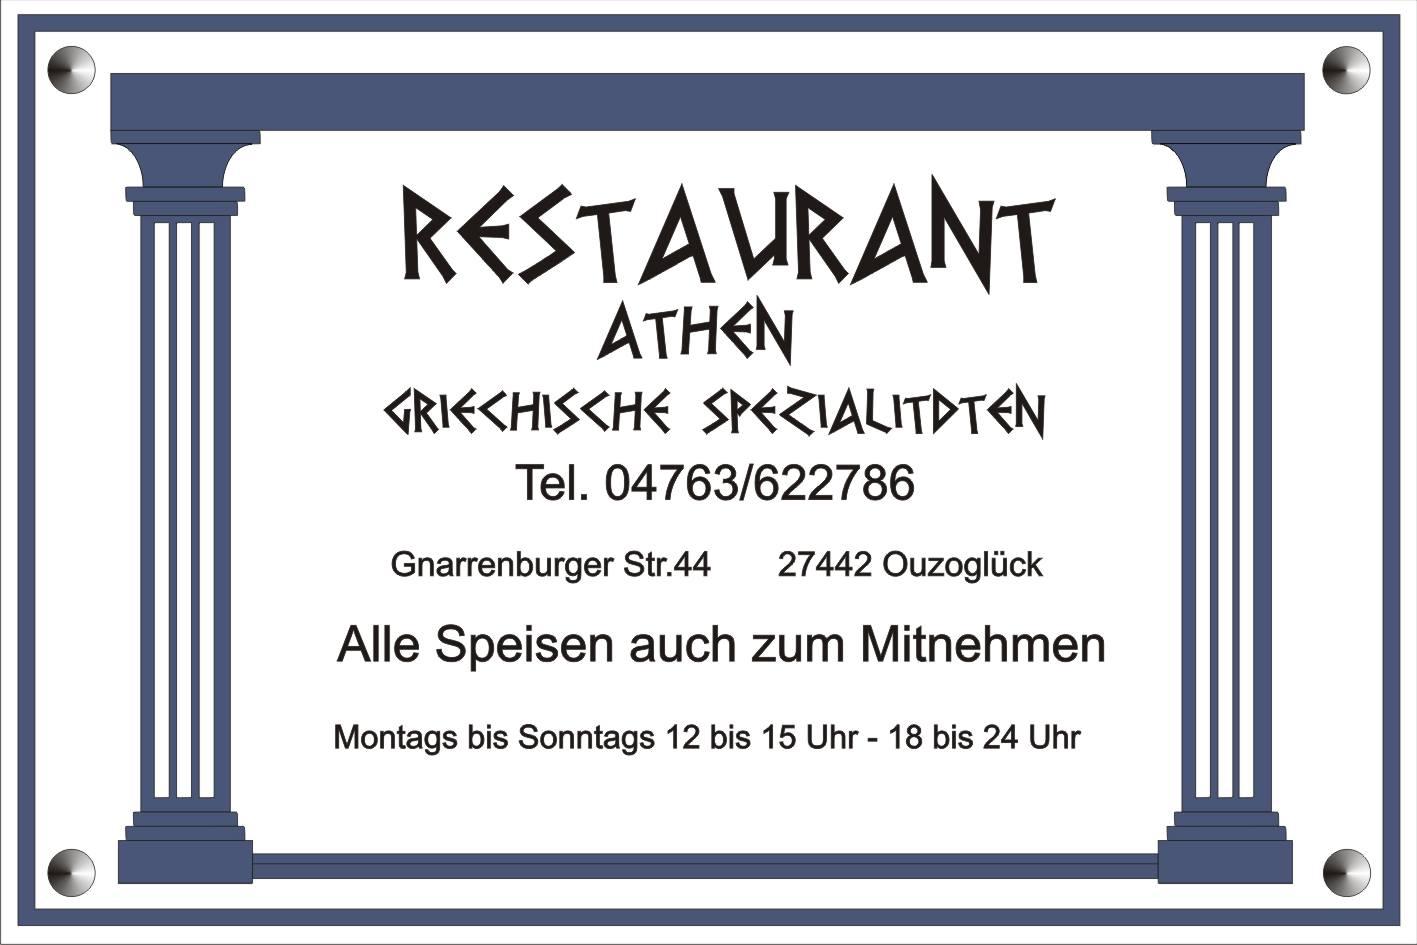 Werbeschild Restaurant 36x24  Werbeschild 24 Schilder